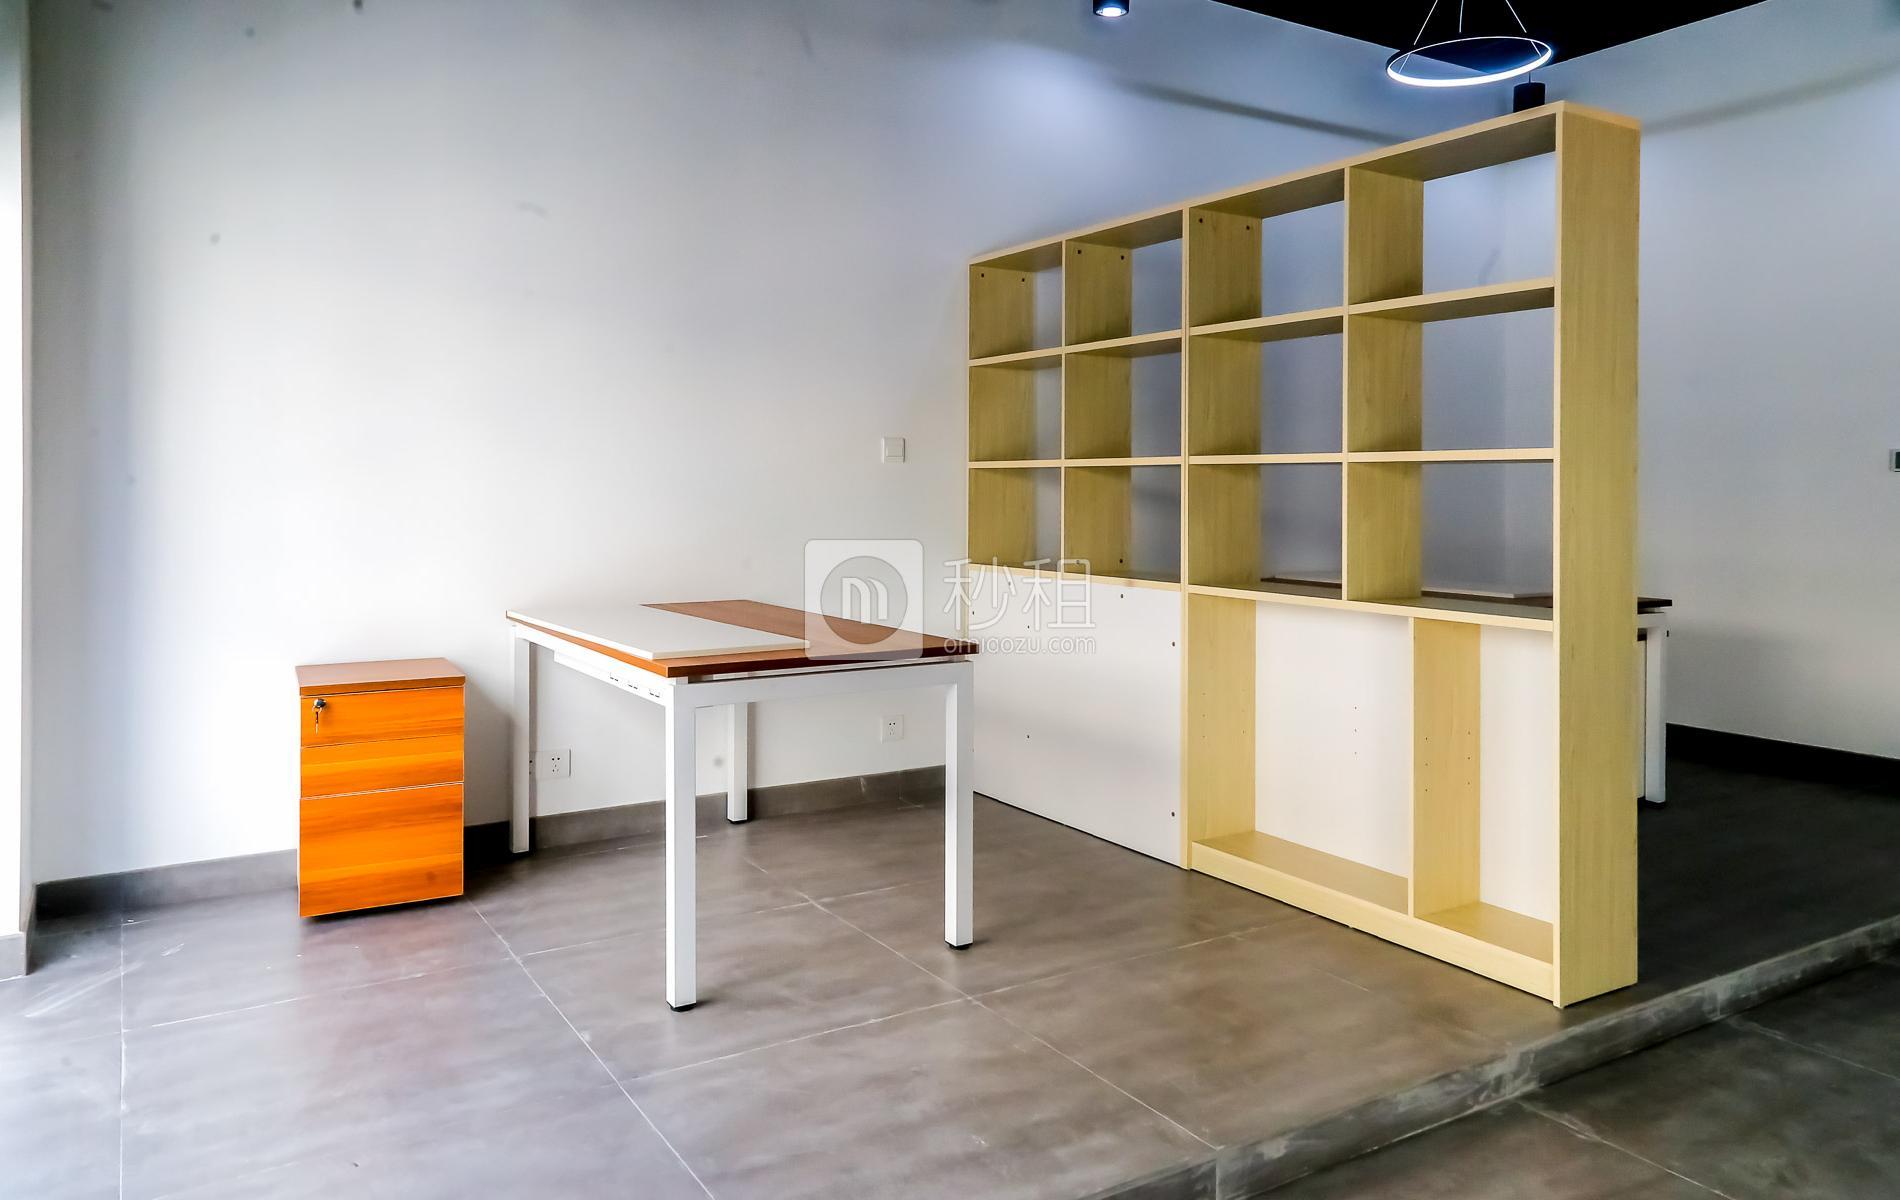 硅谷大院写字楼出租88平米精装办公室15800元/间.月